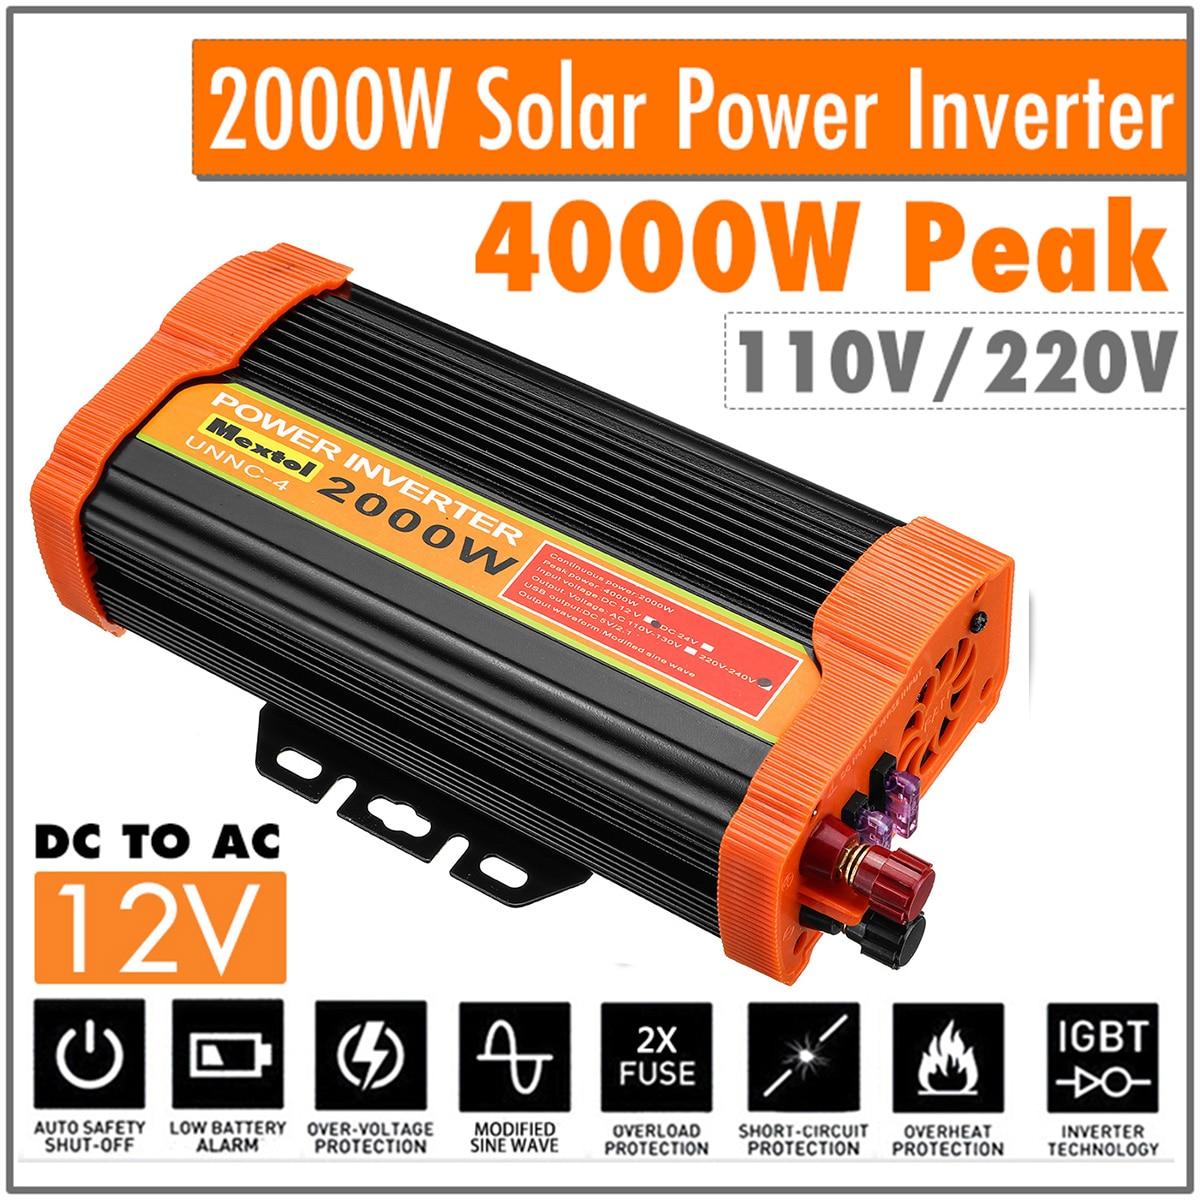 Макс 4000 Вт Инвертор 12В до 220В двойной USB автомобильный адаптер зарядный преобразователь модифицированный синусоидальный USB трансформатор 2000 Вт Инверторы для авто      АлиЭкспресс